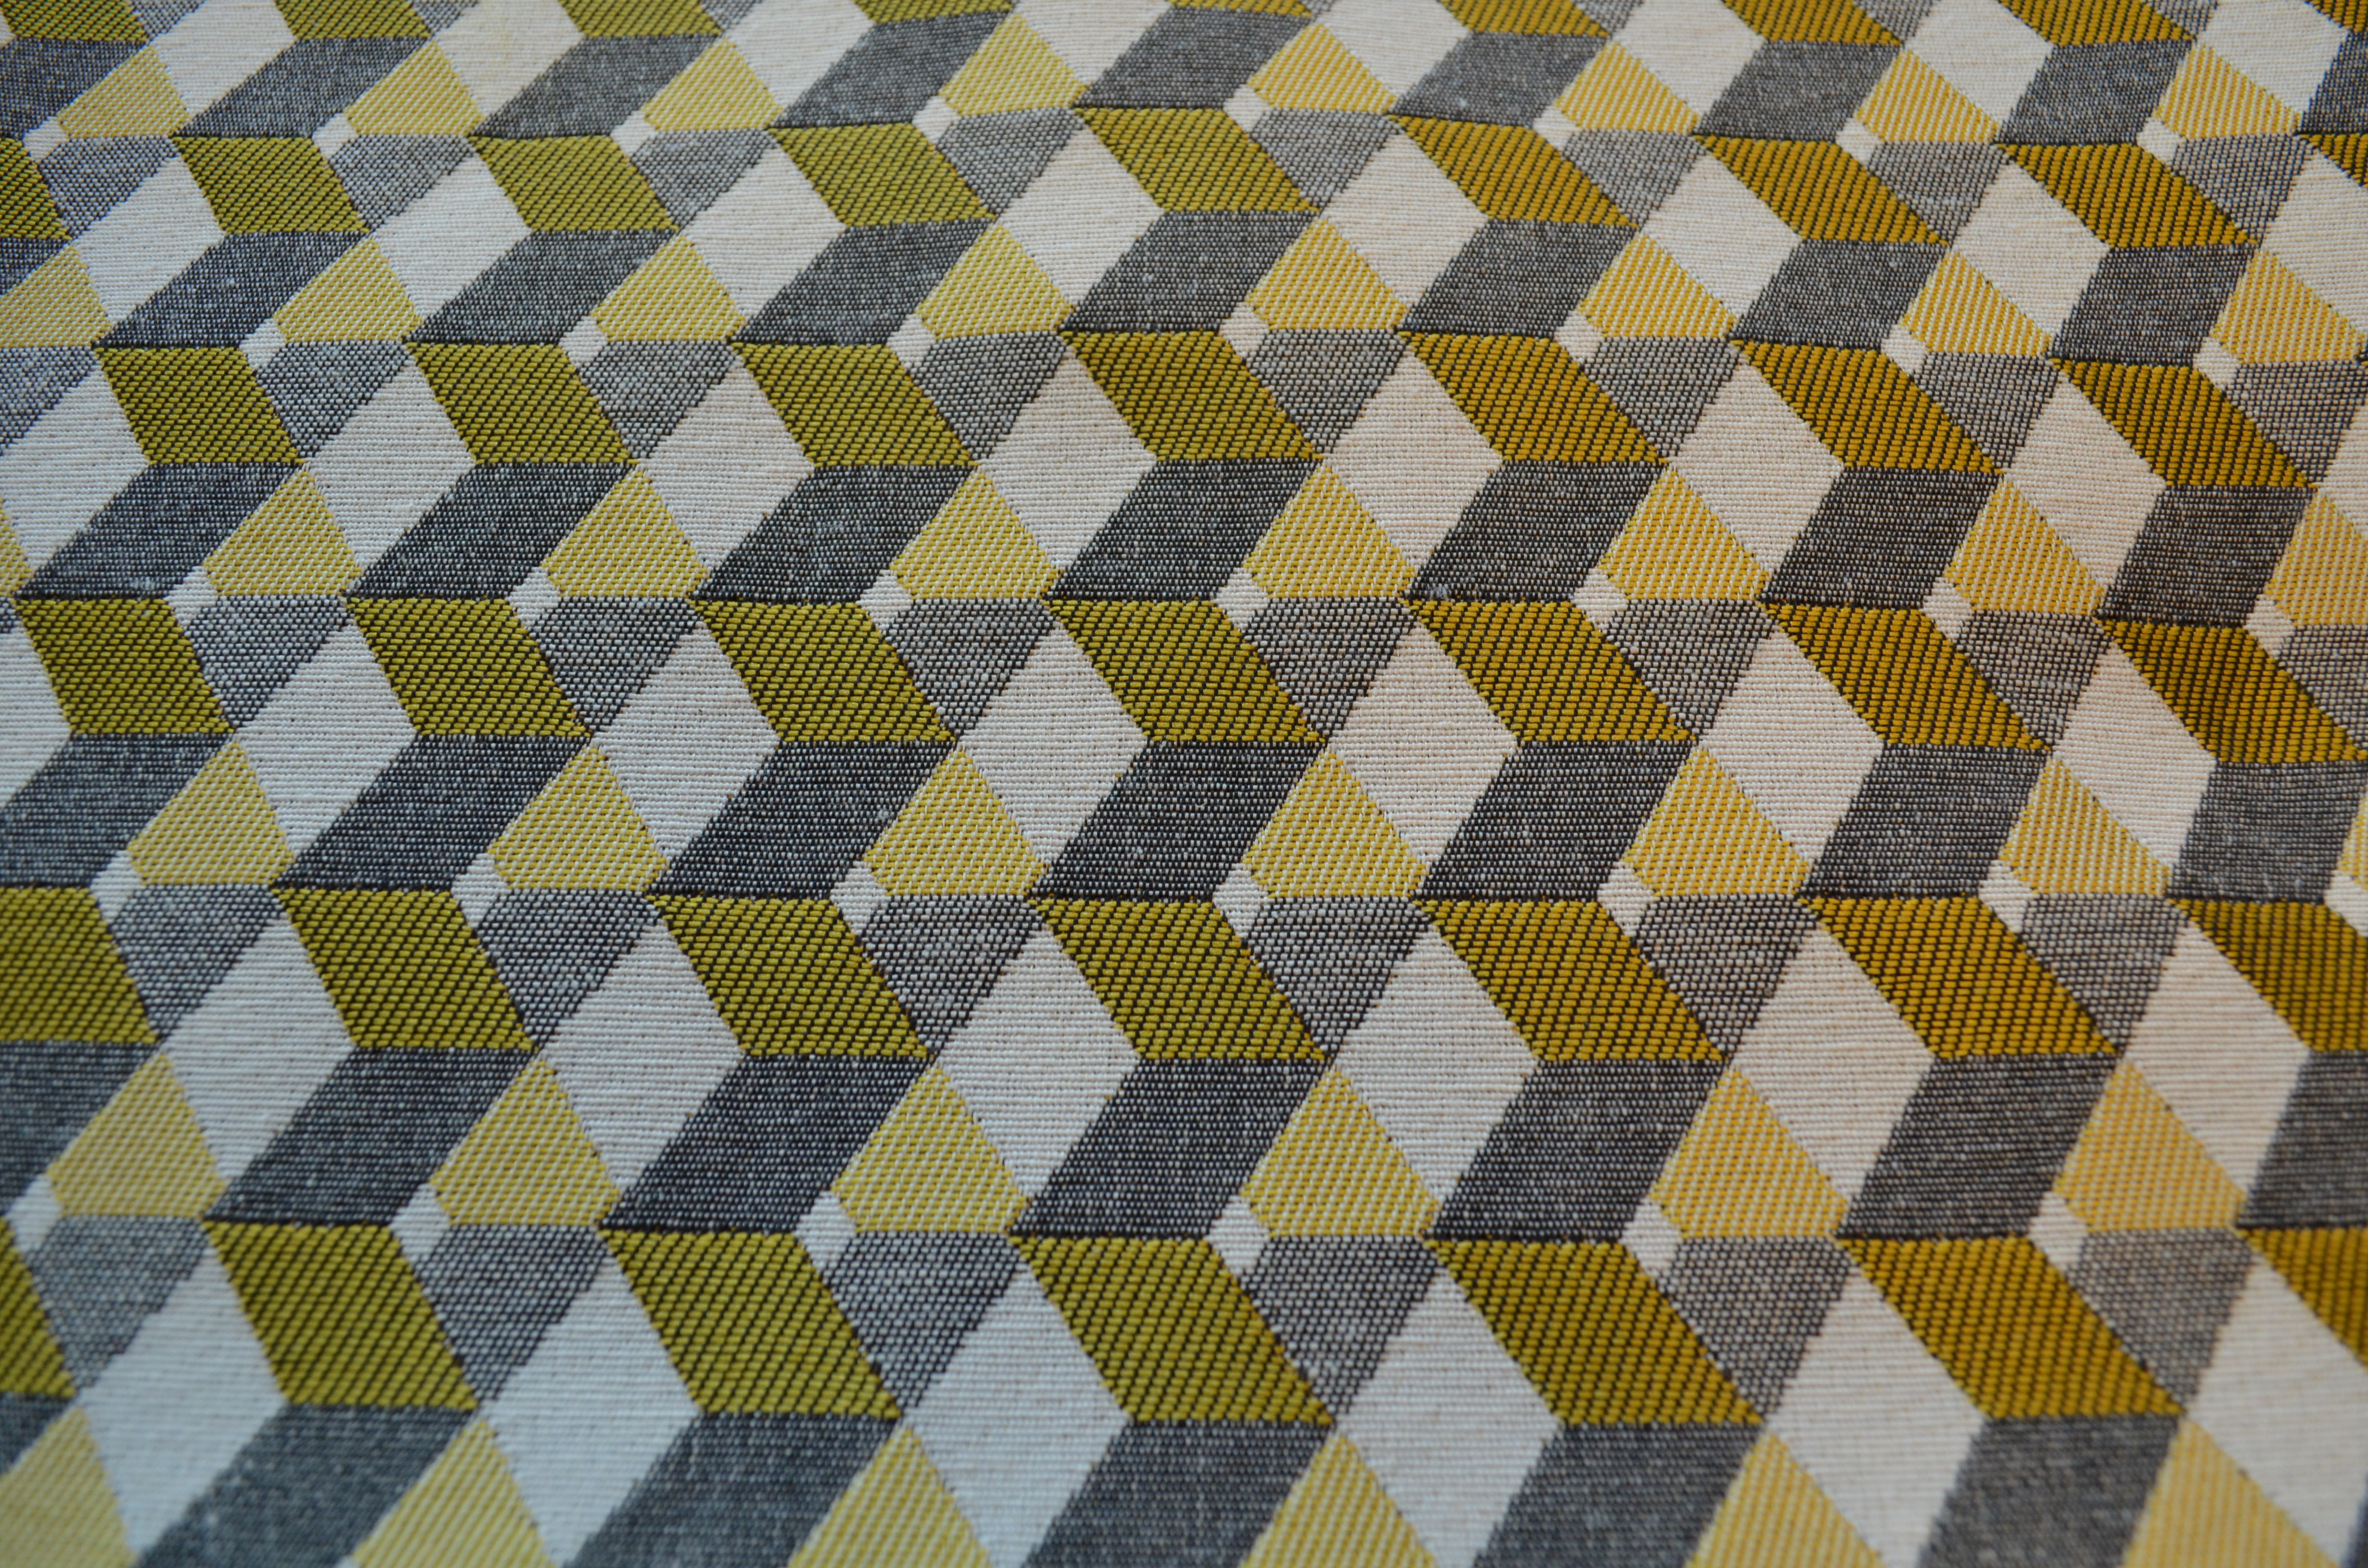 Mosaïque jaune-gris